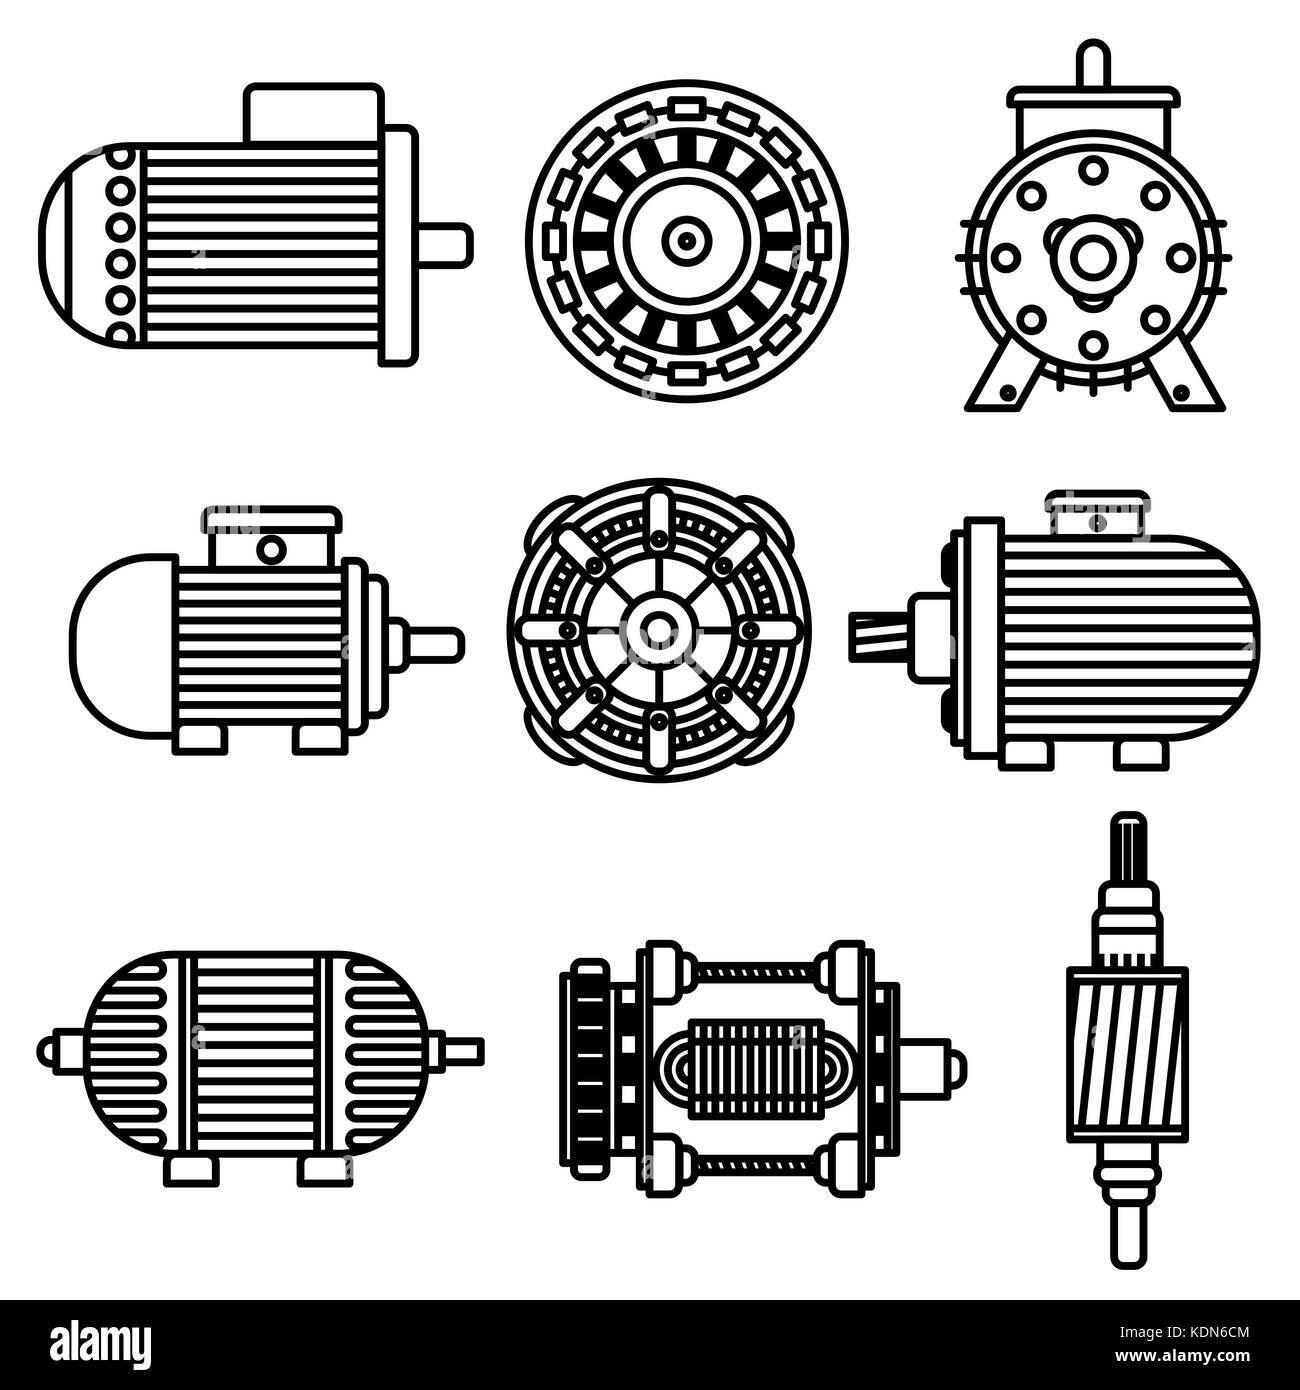 Fantastisch Elektromotor Symbole Zeitgenössisch - Die Besten ...